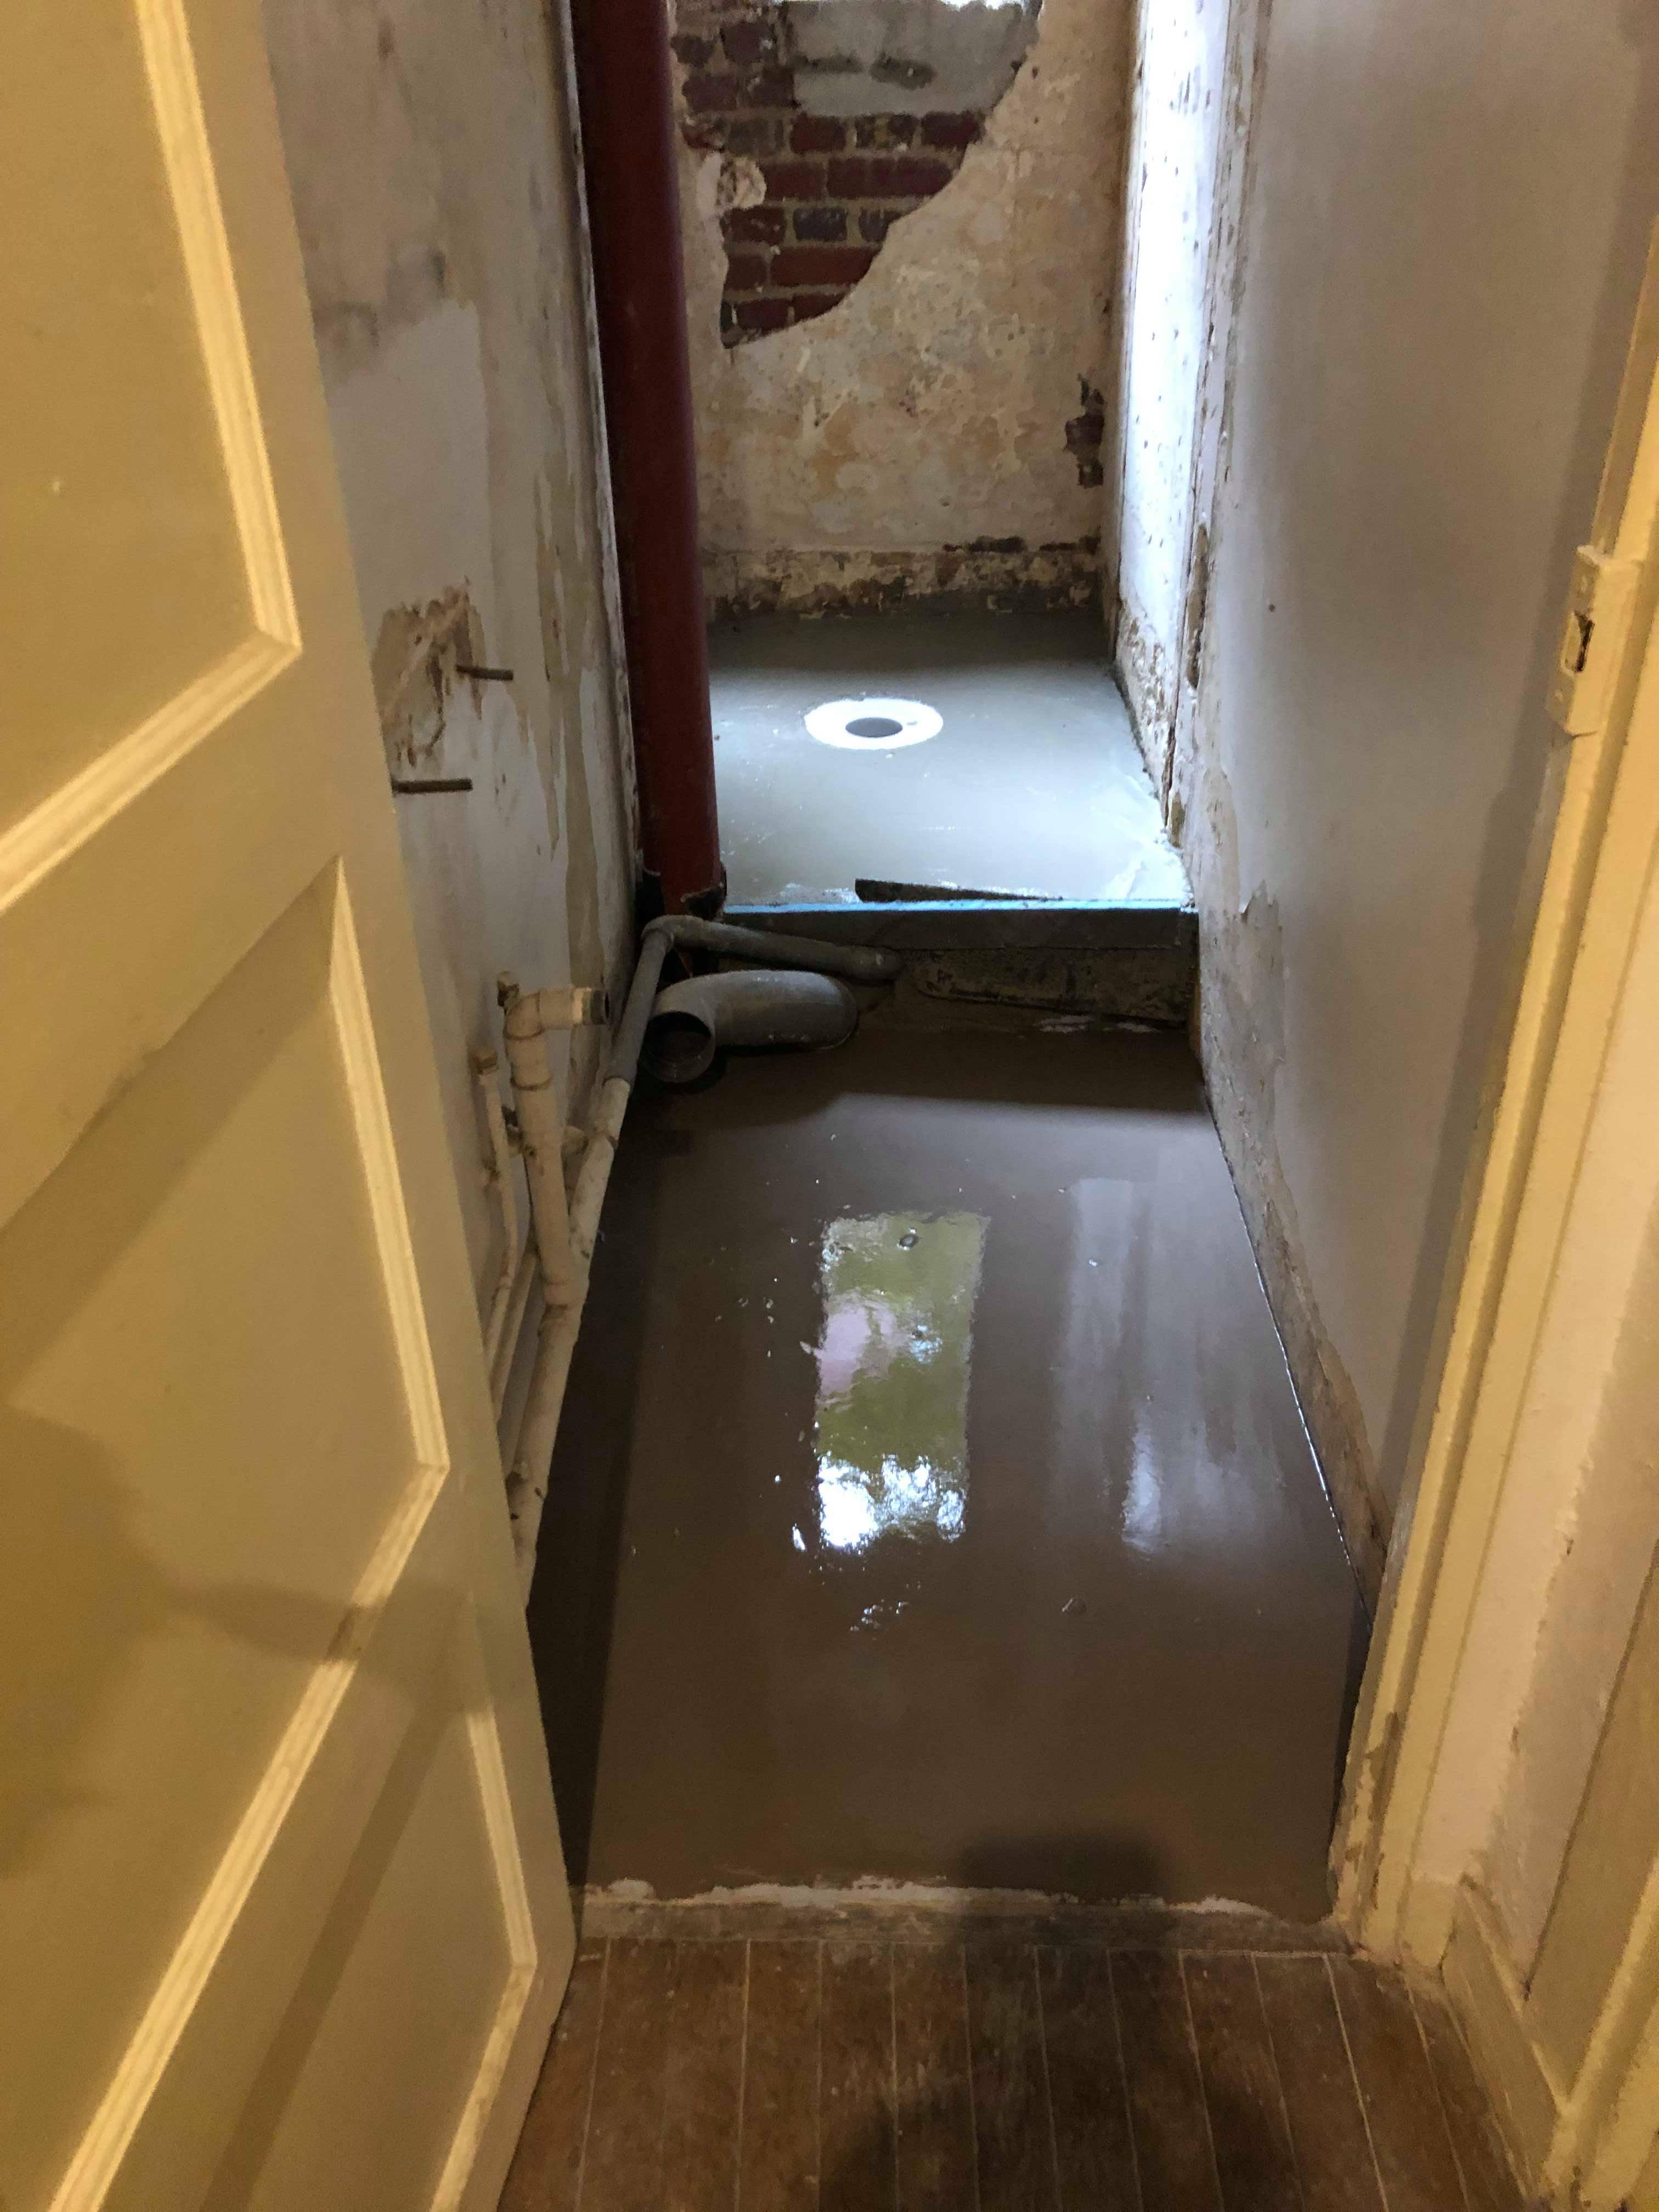 entreprise-generale-texas-batiment-mohamed-soliman-rge-travaux-renovation-salle-de-bain-carrelage-plomberie-douche-a-l-italienne-espace-moderne-sobre-7